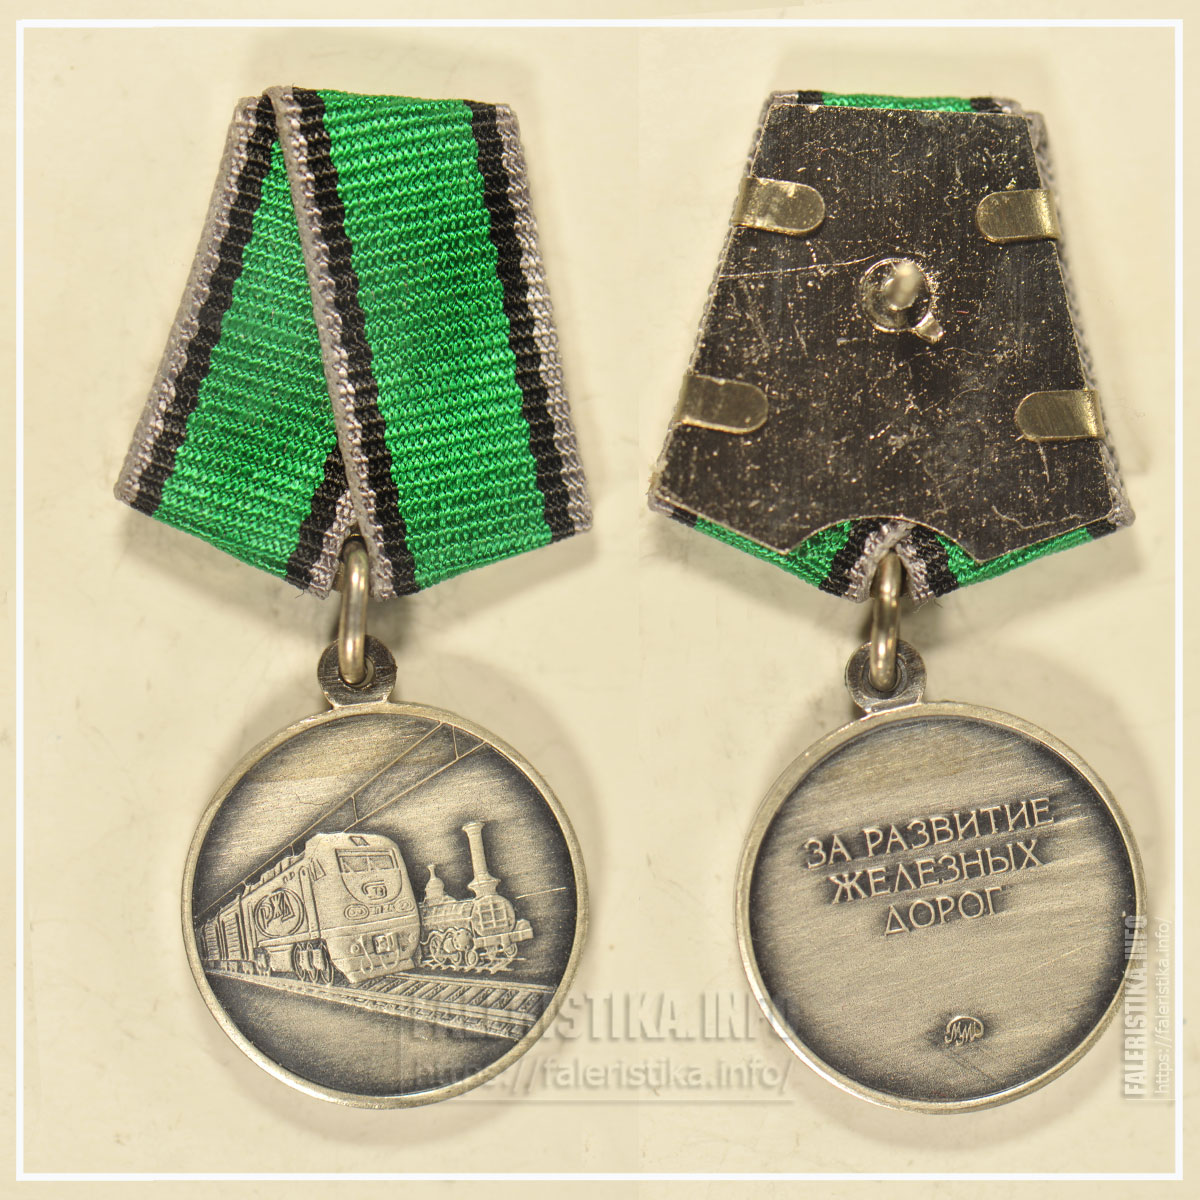 Медаль «За развитие железных дорог». Миниатюрная копия знака (фрачник). Московский монетный двор